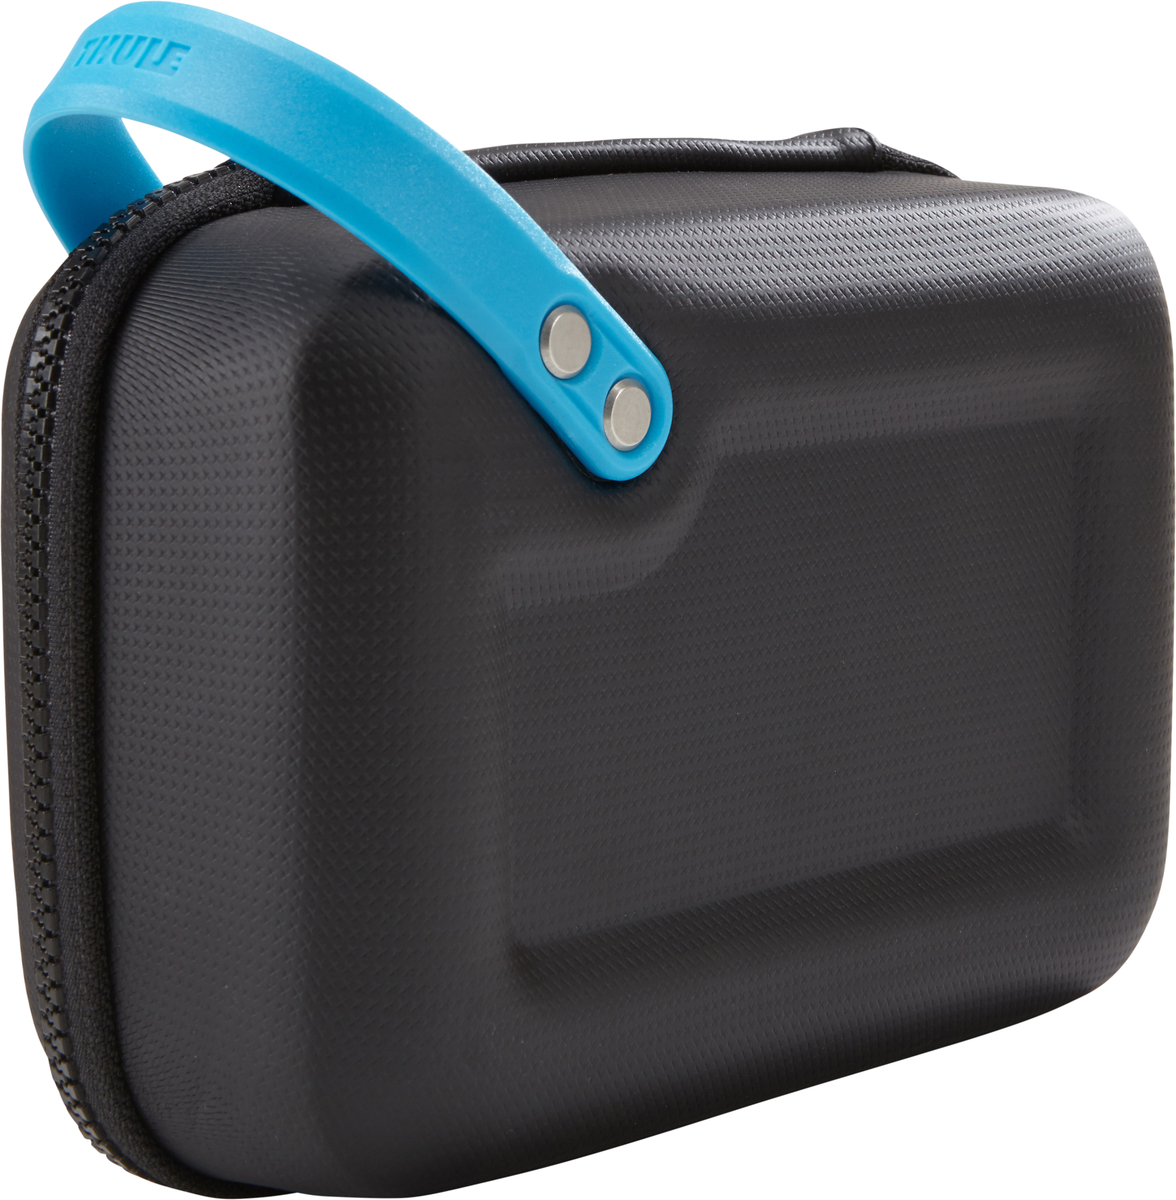 Чехол для экшн-камеры Thule Legend GoPro Case, цвет: черный, 21 x 8 x 15 смT-B3210Thule Legend GoPro - долговечный чехол для камеры GoPro с удобными отделениями для всех необходимых аксессуаров поможет вести съемку в любом путешествии. Ударопрочный отсек с мягкой подкладкой позволяет хранить камеру GoPro, LCD Touch BacPac, пульт дистанционного управления, запасные аккумуляторы и SD-карты. Съемная подкладка из прессованной пены облегчает очистку внутренней поверхности от пыли, грязи, песка и пр. В жестком кармане можно хранить зарядные устройства, кабели и ремни для крепления. Благодаря тонкому дизайну с легкостью умещается в другой сумке. Полужесткая конструкция и прочное покрытие обеспечивают защиту и надежность хвата. Большие язычки на молниях обеспечивают удобство доступа даже в том случае, если на вас надеты перчатки. Встроенную удобную ручку можно прикреплять с помощью карабина к поясному ремню, а также наплечным ремням и рюкзаку. Яркая внутренняя отделка поможет быстро найти мелкие предметы. Удобное отверстие линейного выхода позволяет заряжать камеру GoPro на ходу.